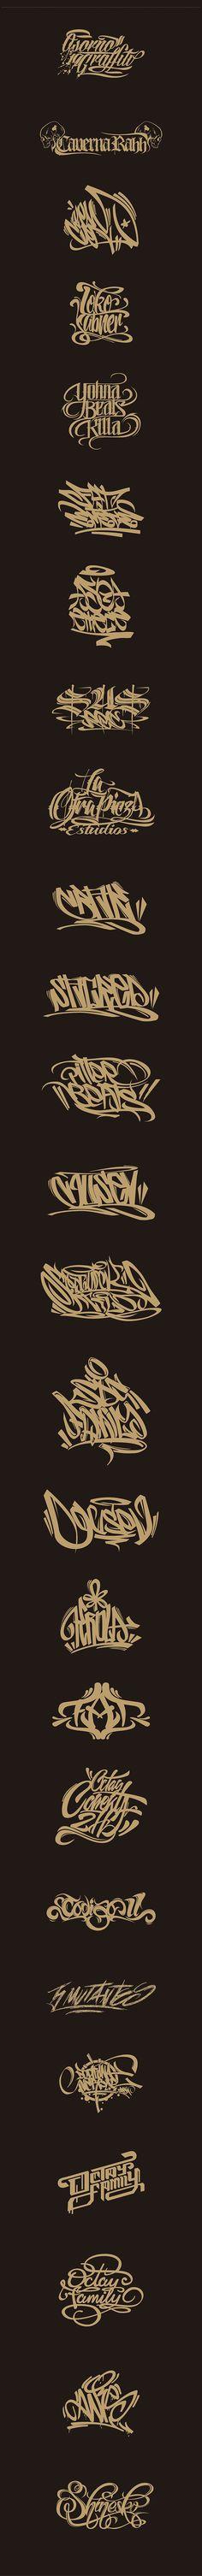 diseño de logos y letras de graffiti